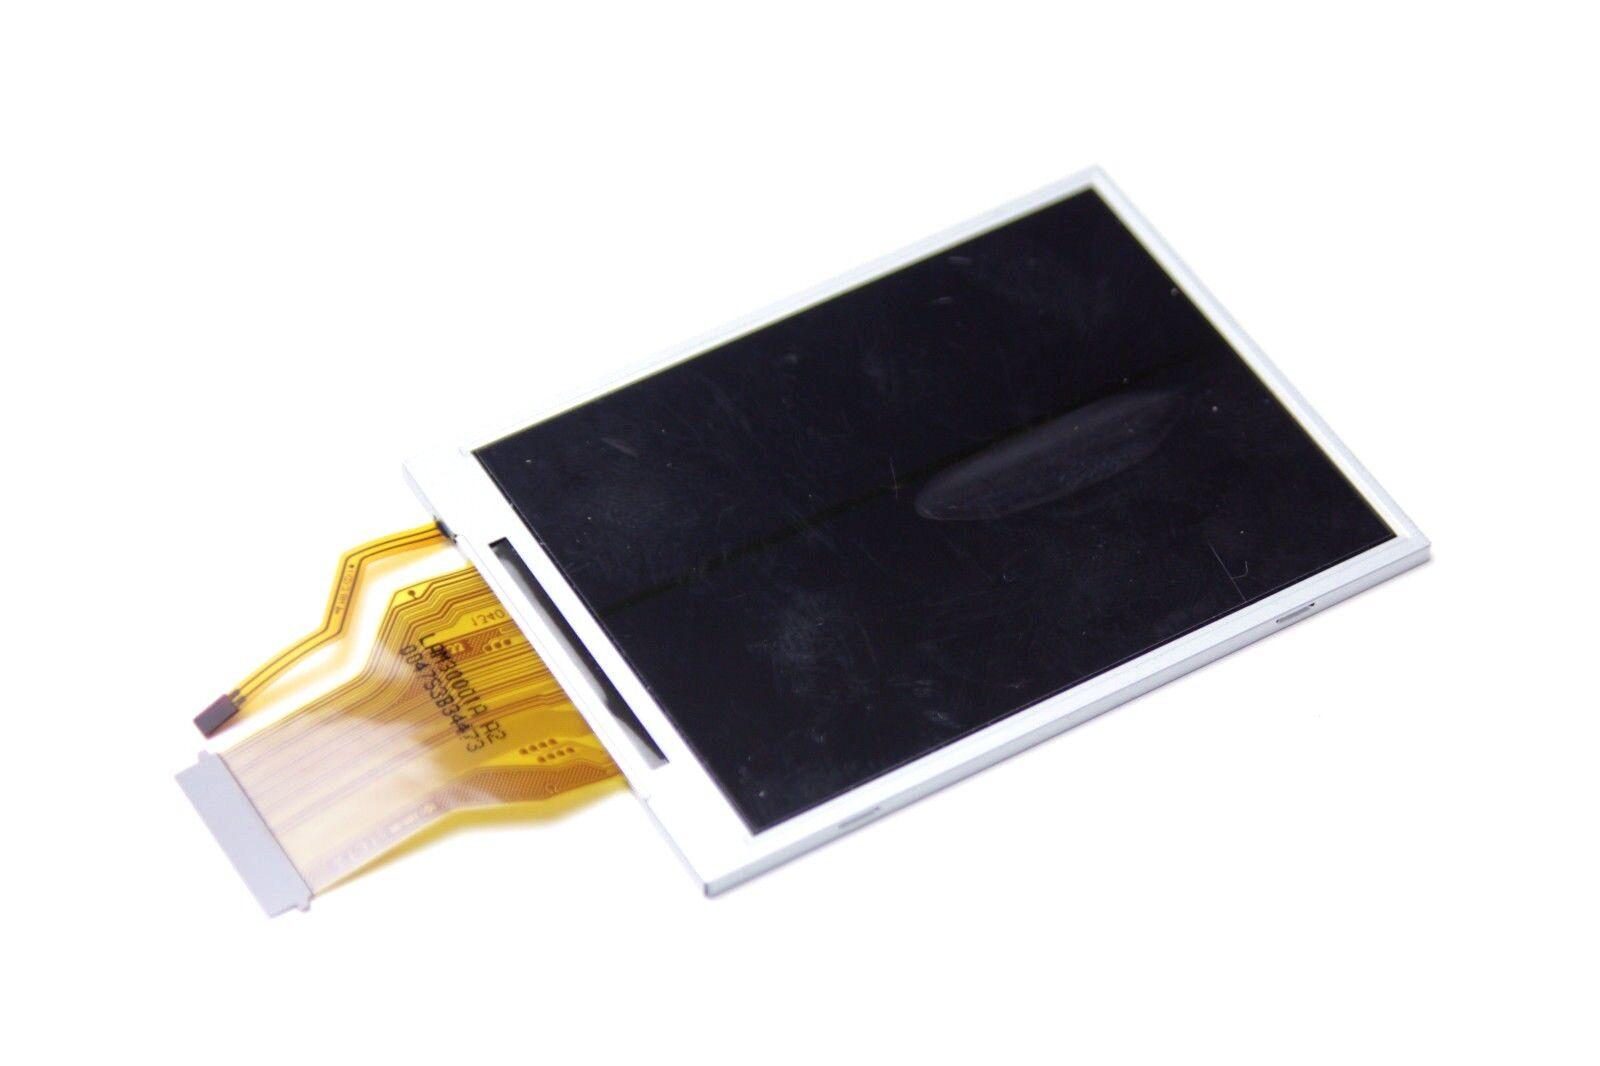 LCD Display Screen For Nikon Coolpix L830 Digital Camera Repair Part USA